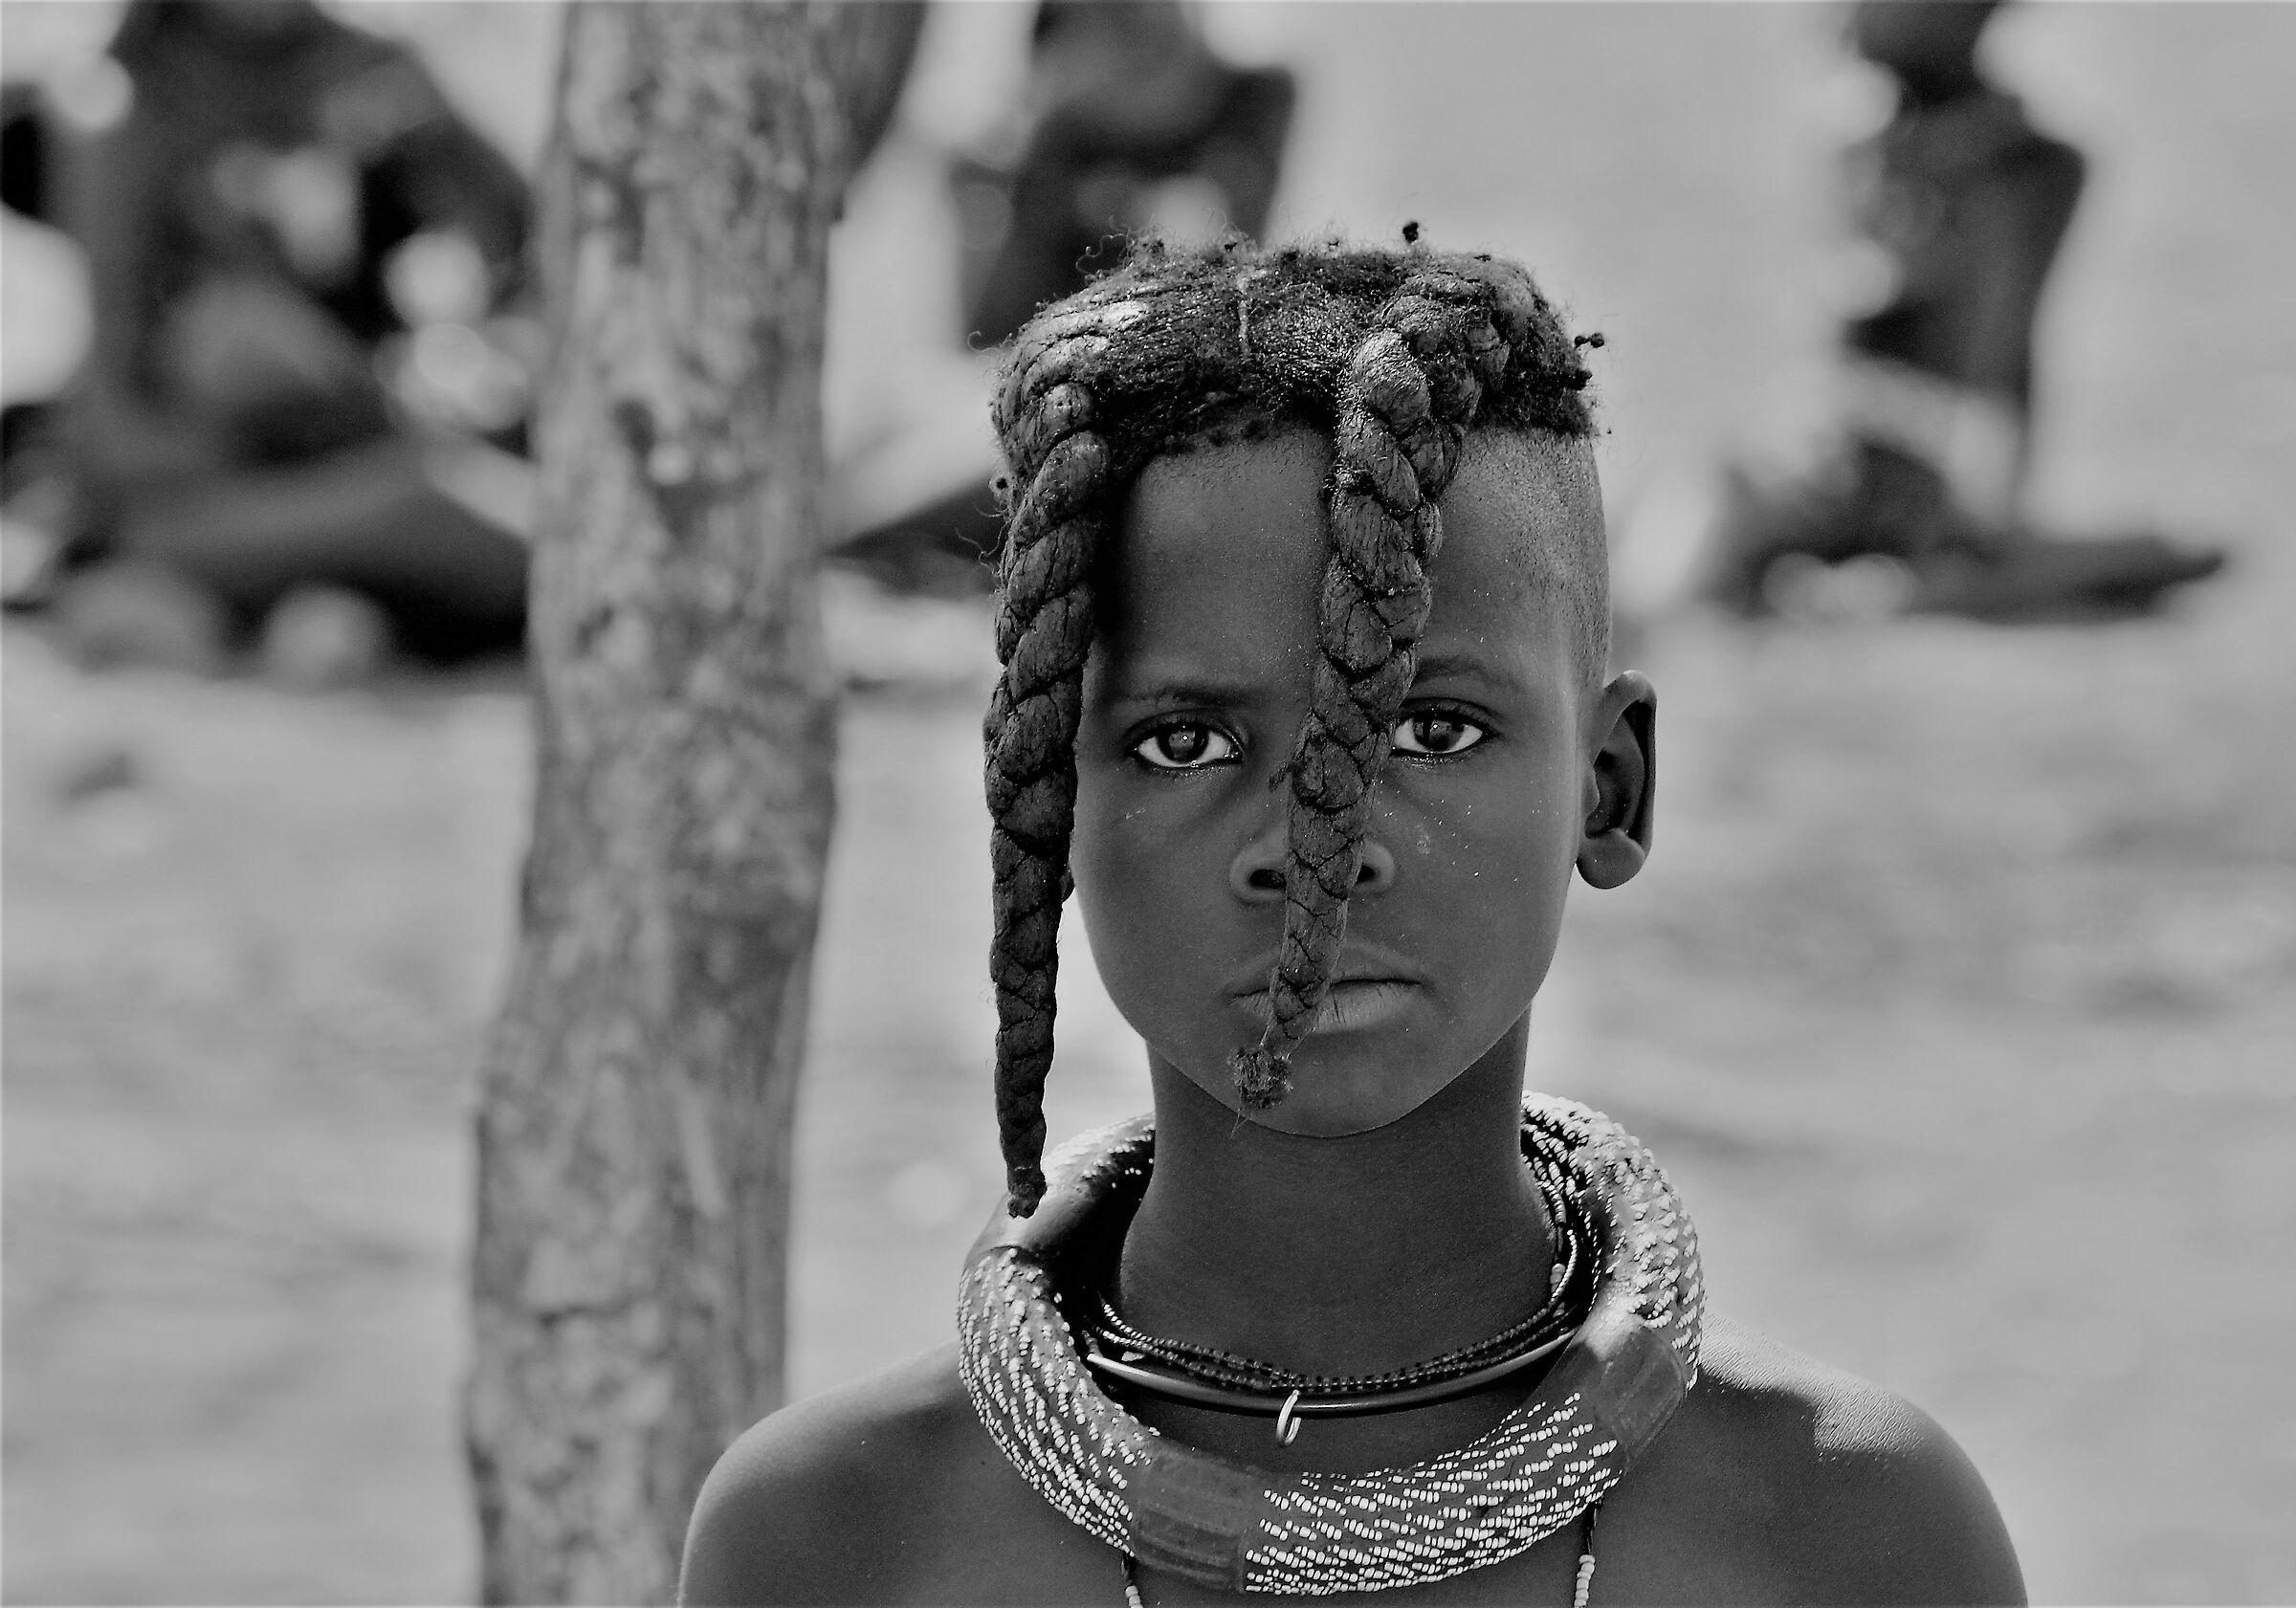 The proud gaze of Africa-Himba ...